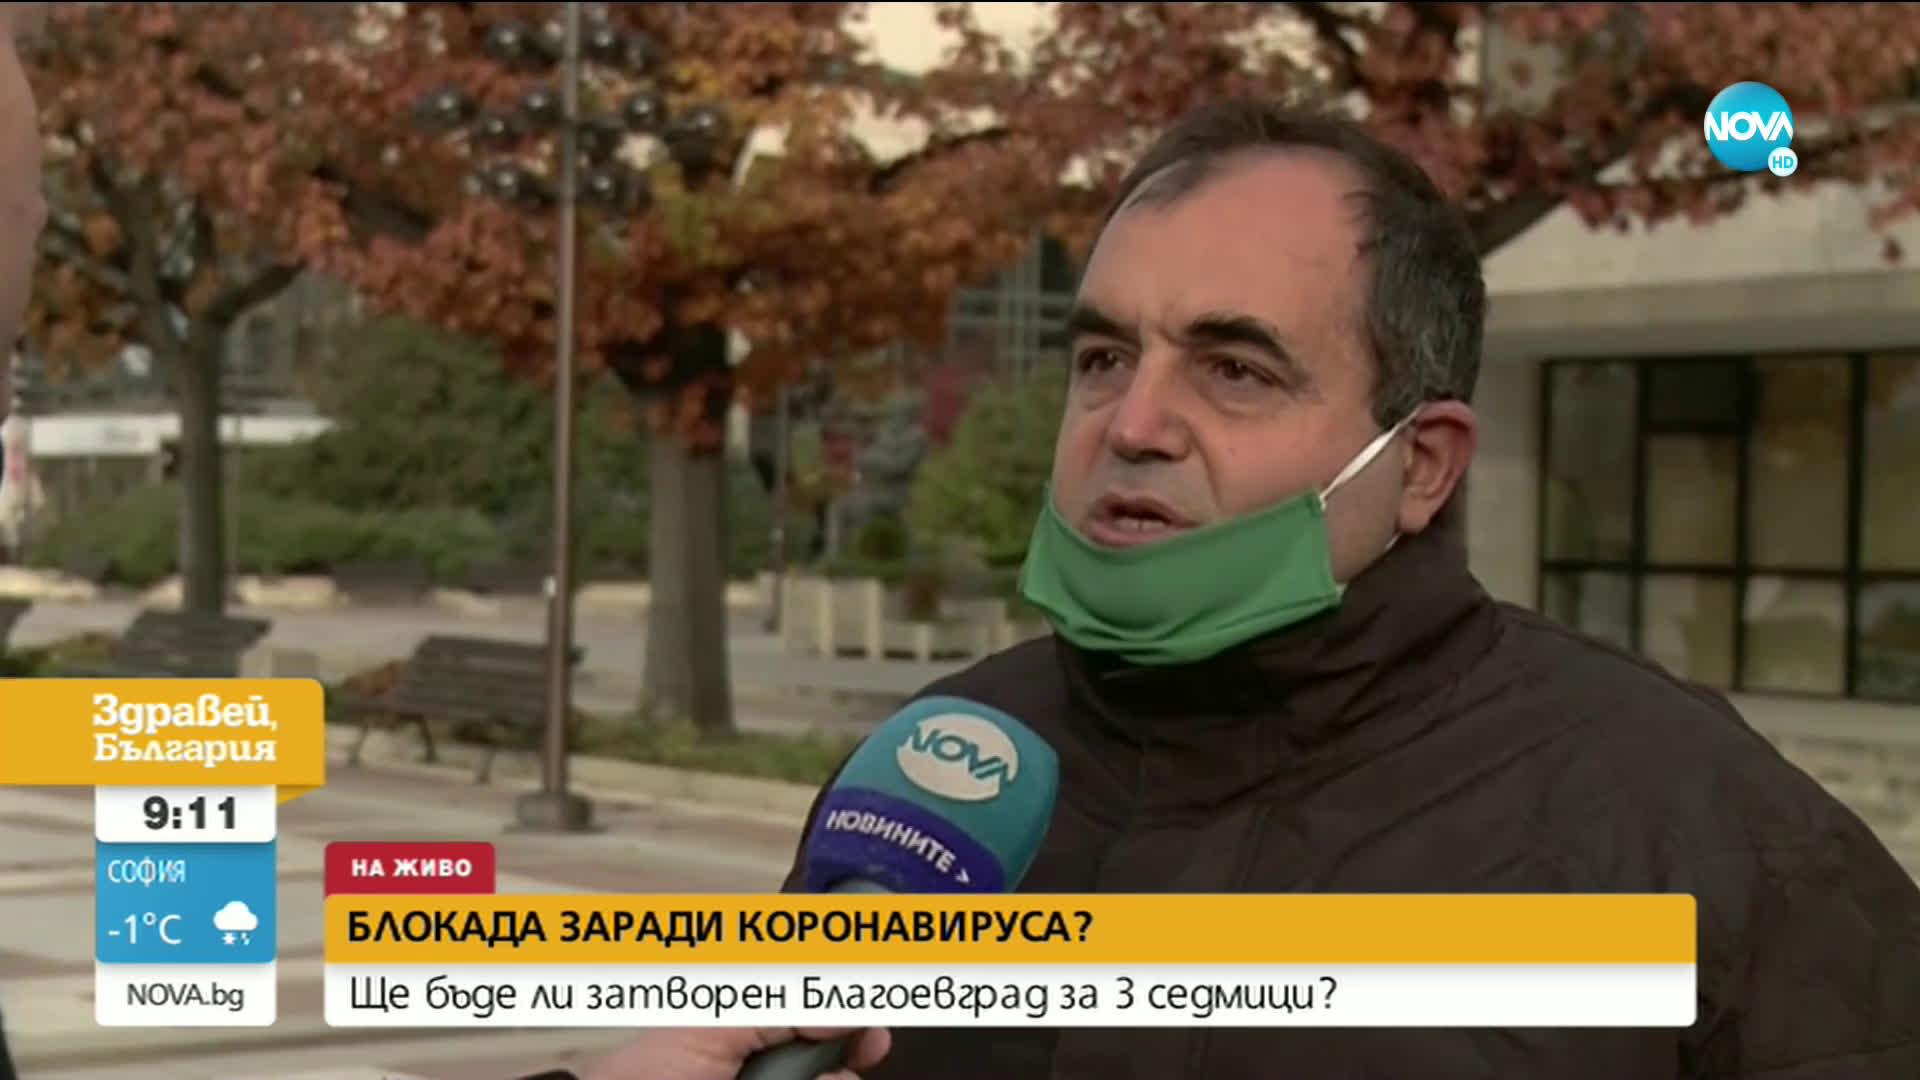 Ще бъде ли затворен Благоевград за 3 седмици